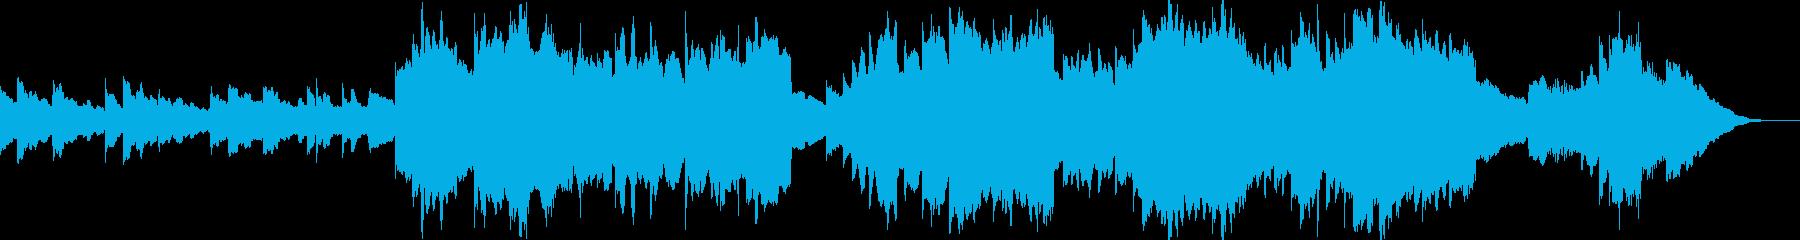 やさしい雰囲気のエレピソロの再生済みの波形